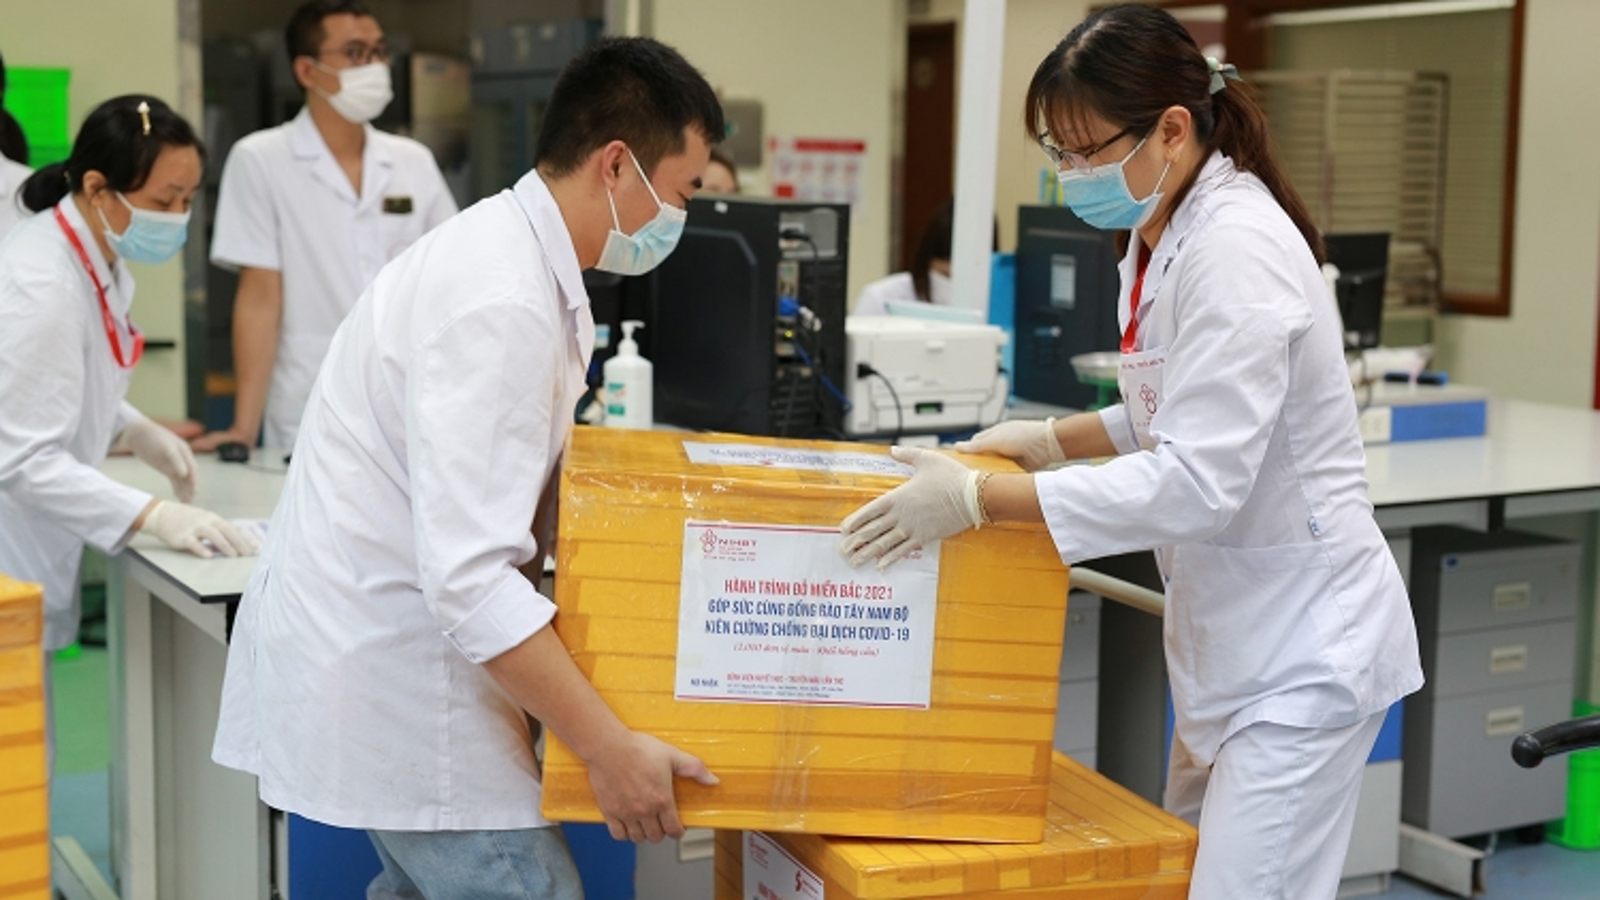 Gần 3.000 đơn vị máu chuyển đến 10 tỉnh, thành phốtrong đợt giãn cách xã hội